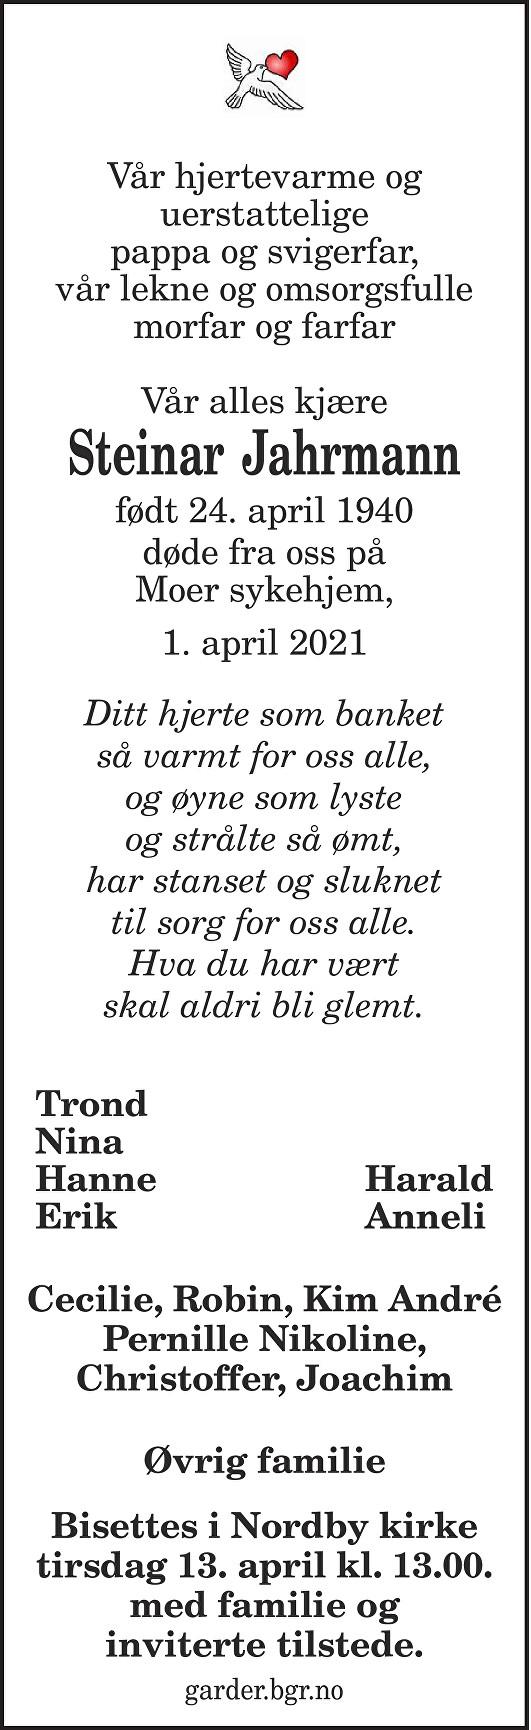 Kjell Steinar Jahrmann Dødsannonse